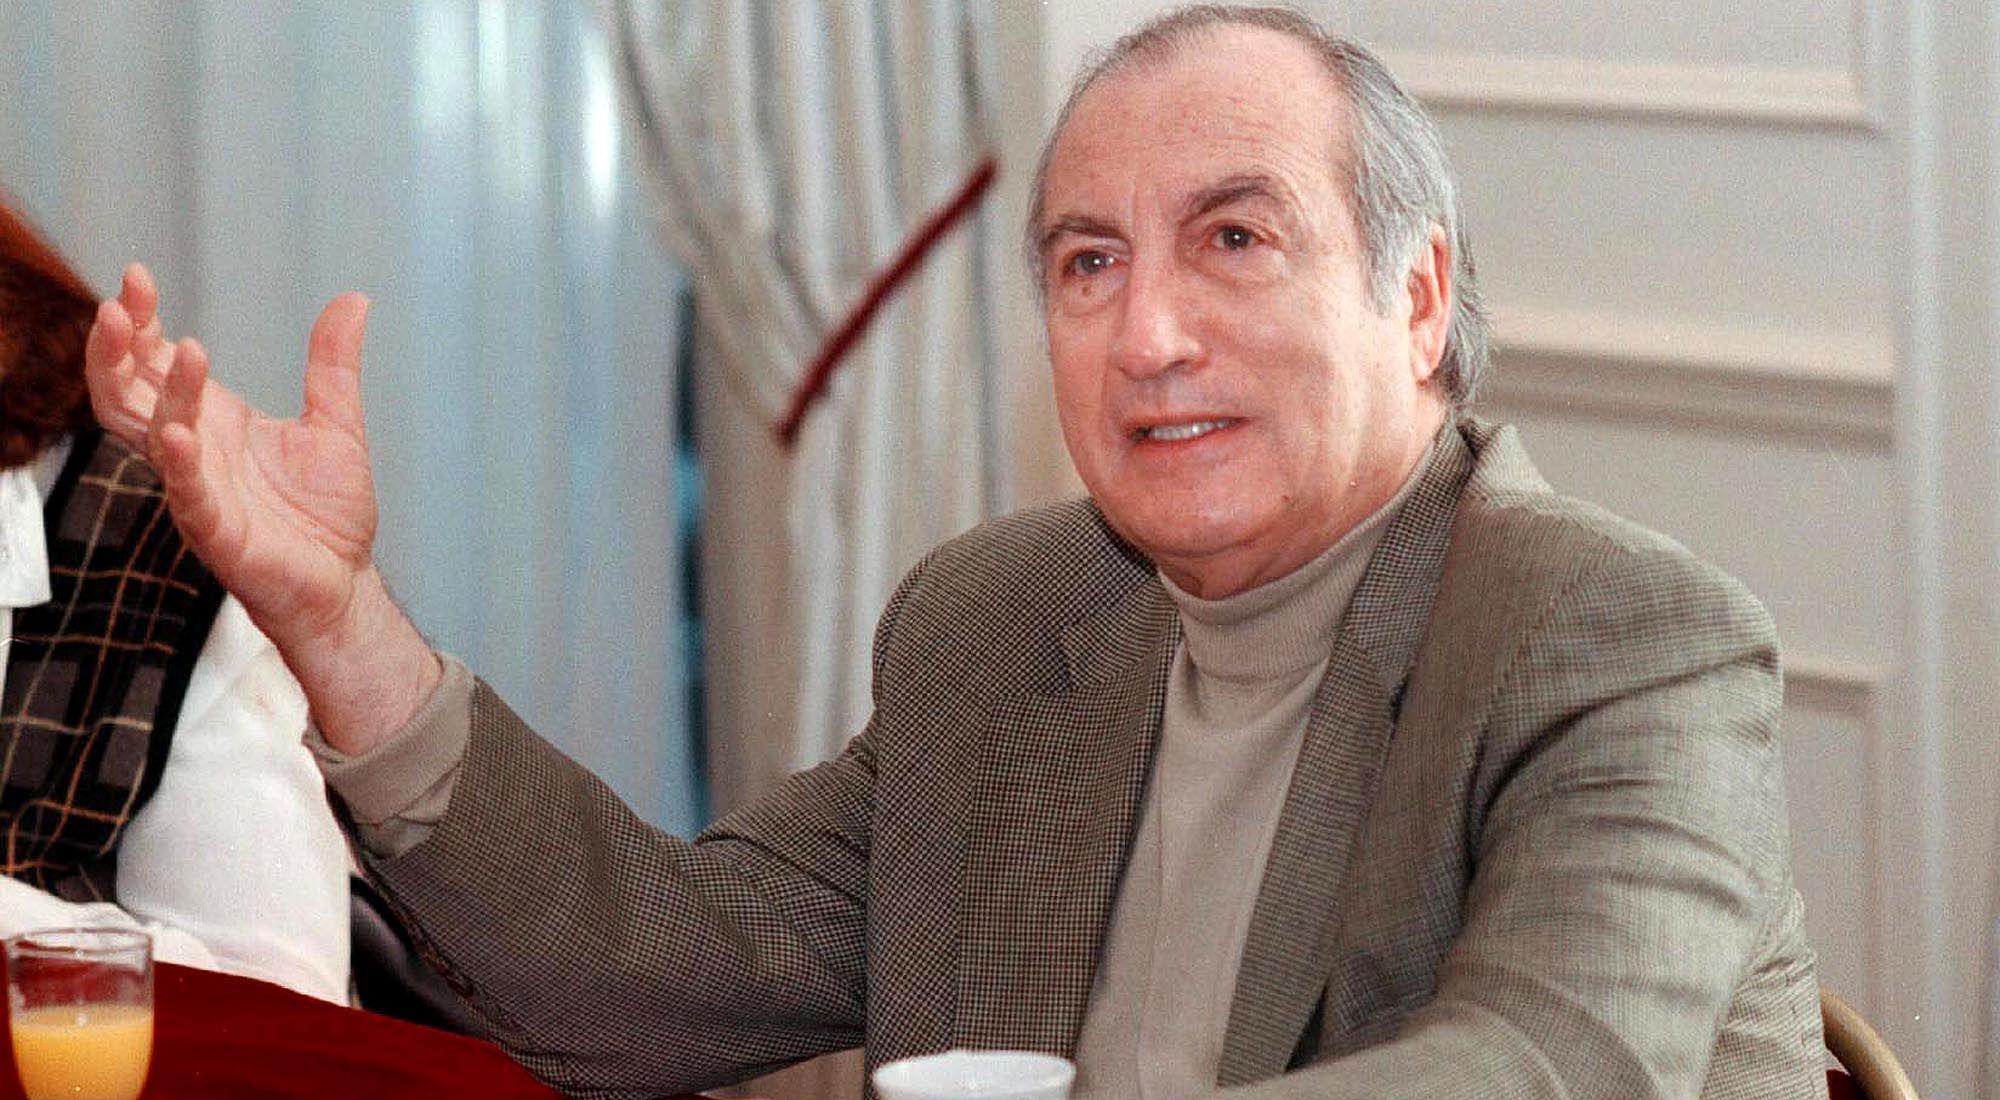 Tomás Eloy Martínez (16 de julio de 1934, San Miguel de Tucumán - 31 de enero de 2010, Buenos Aires)